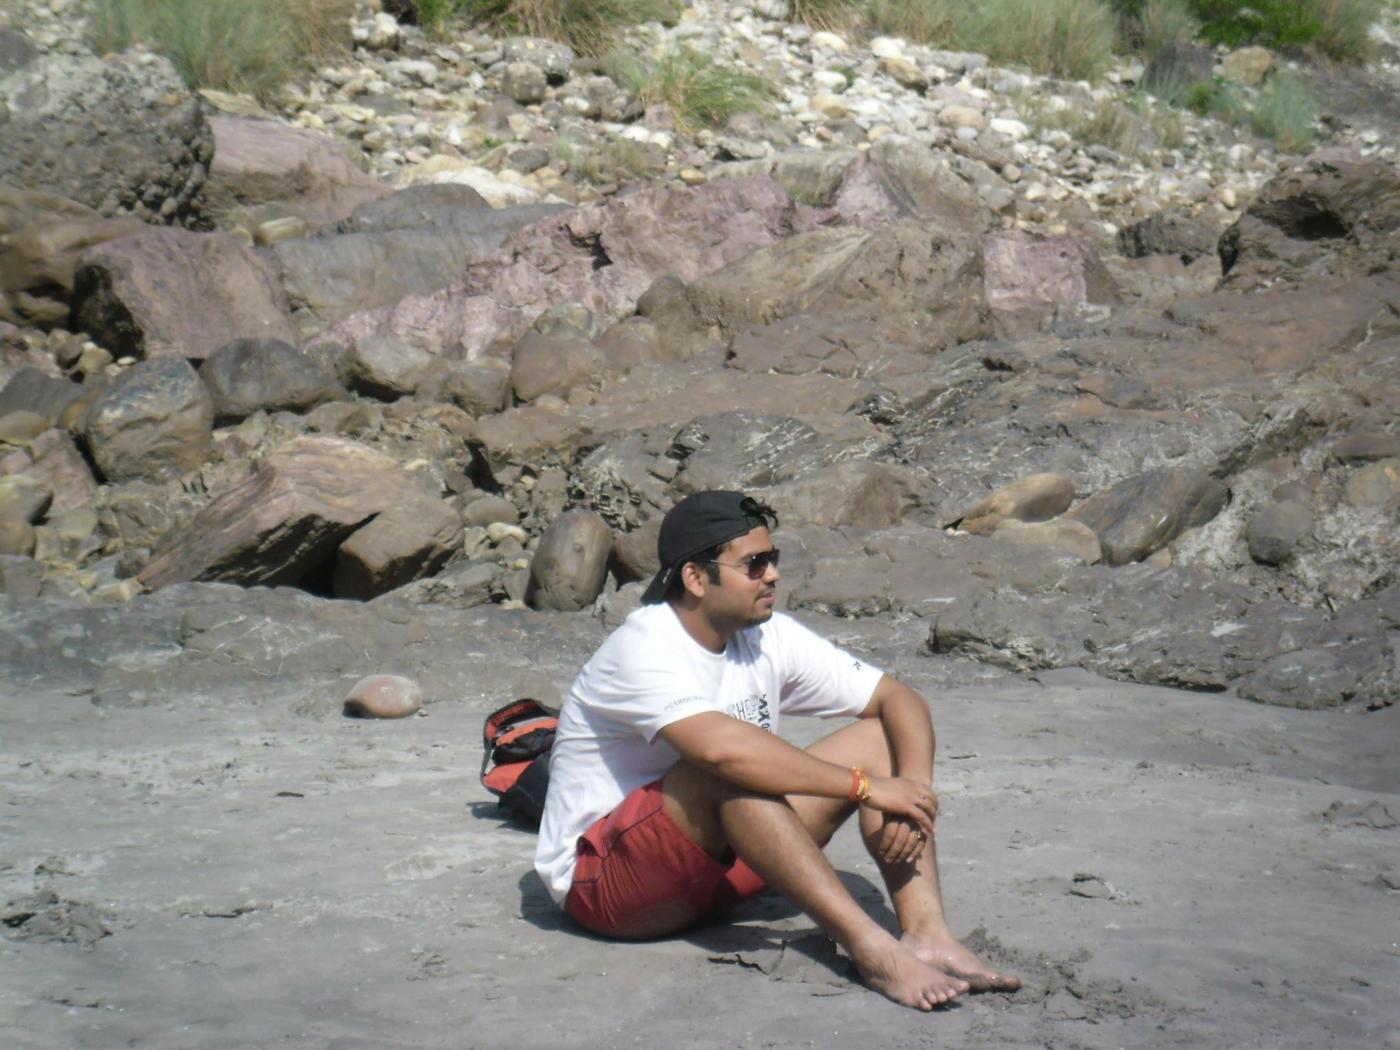 Sankalp Mishra